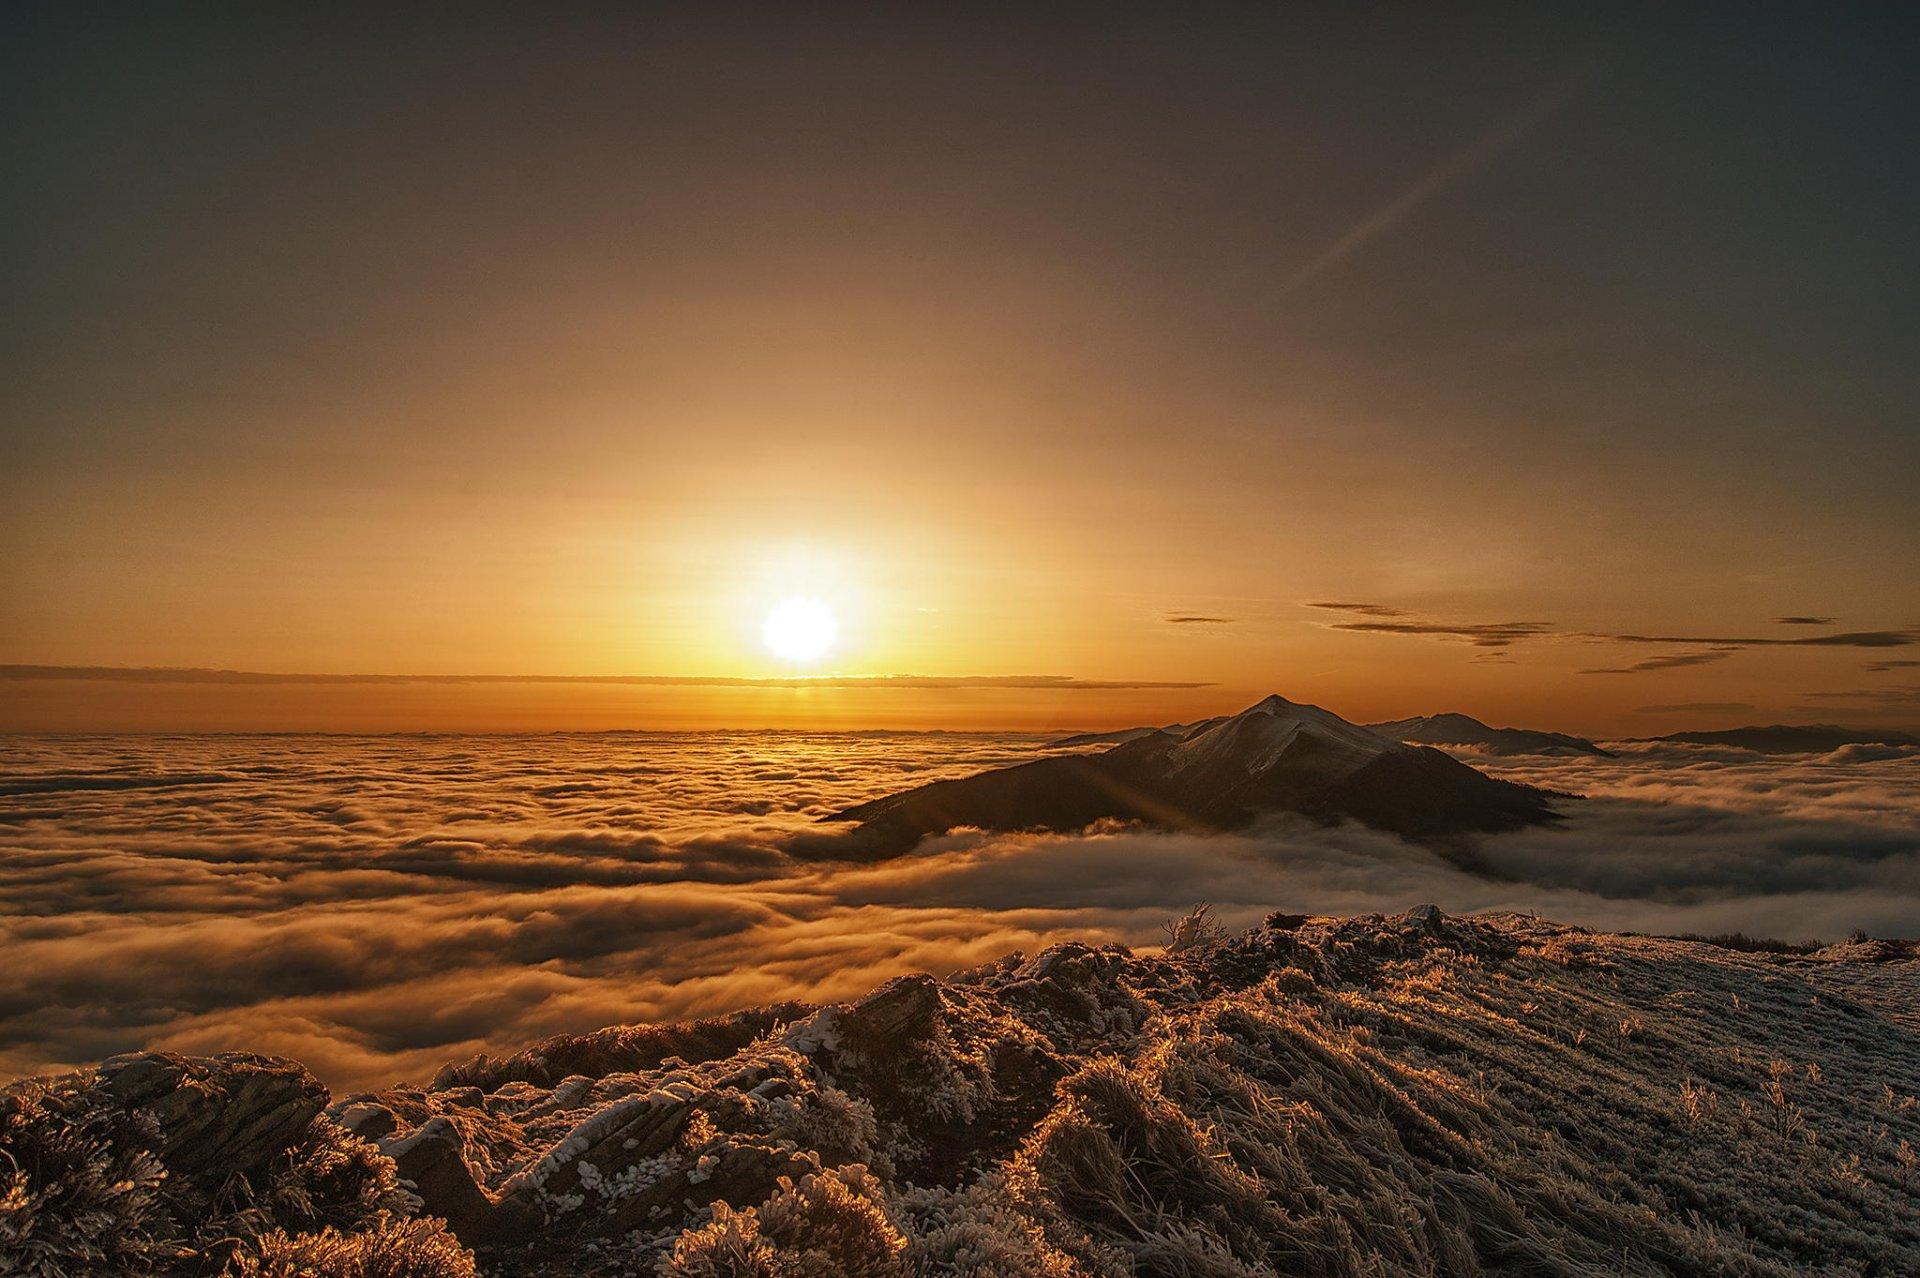 Картинки с восходом солнца в горах на море, днем